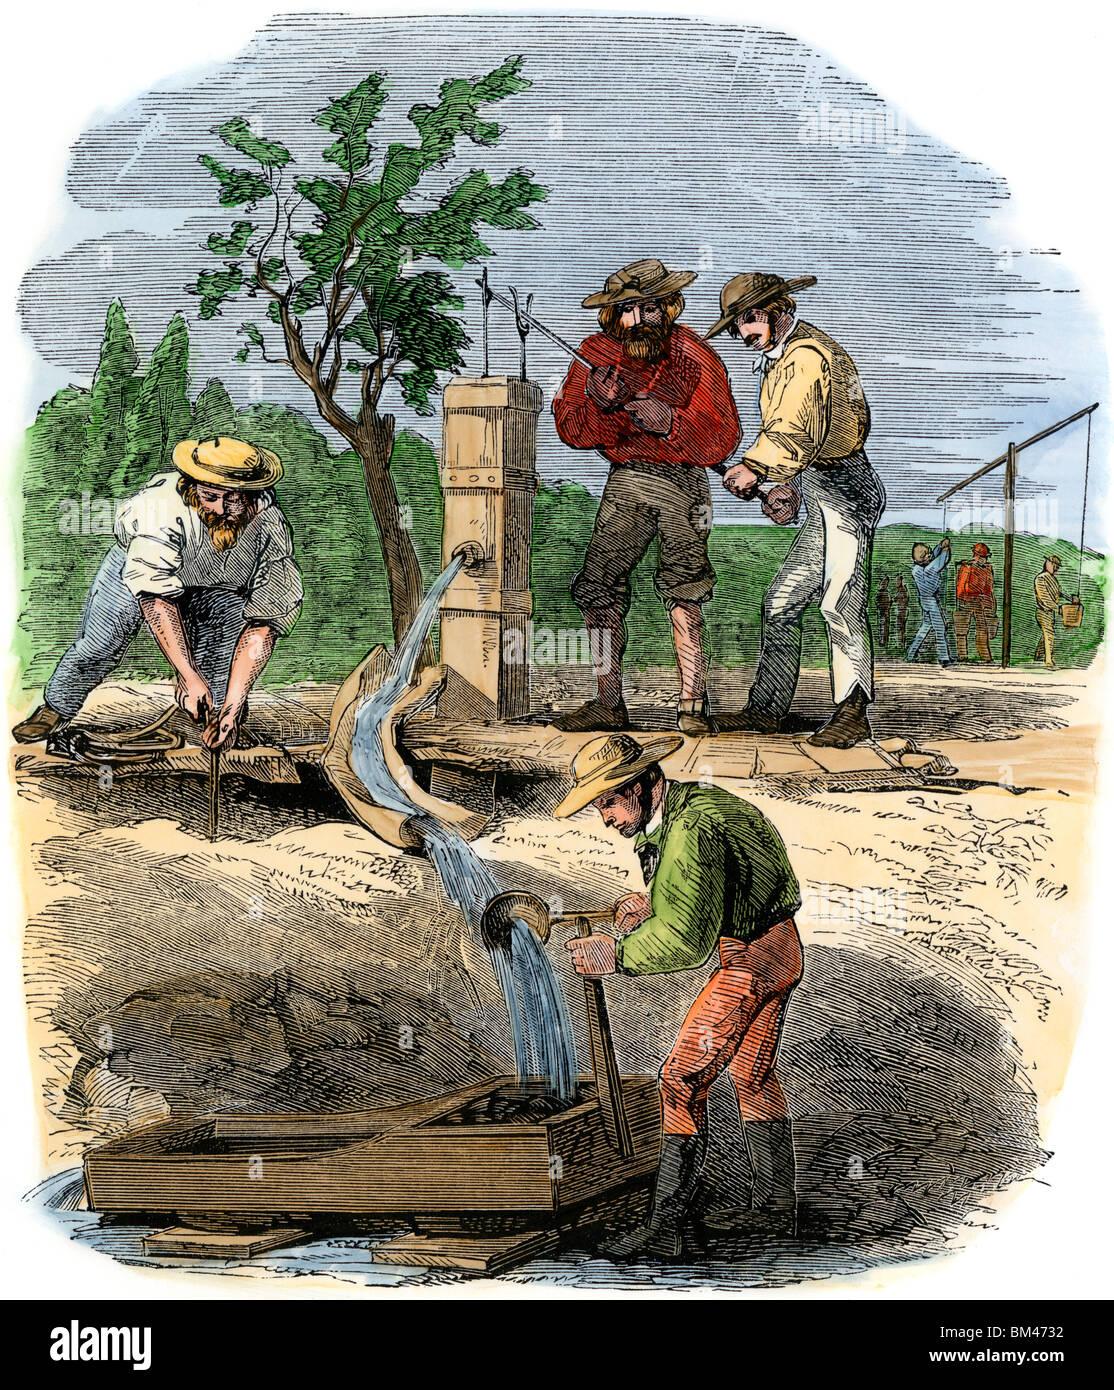 Los buscadores de oro en Australia trabajando en un lecho del río reclamo sobre el turón, 1850. Xilografía Imagen De Stock